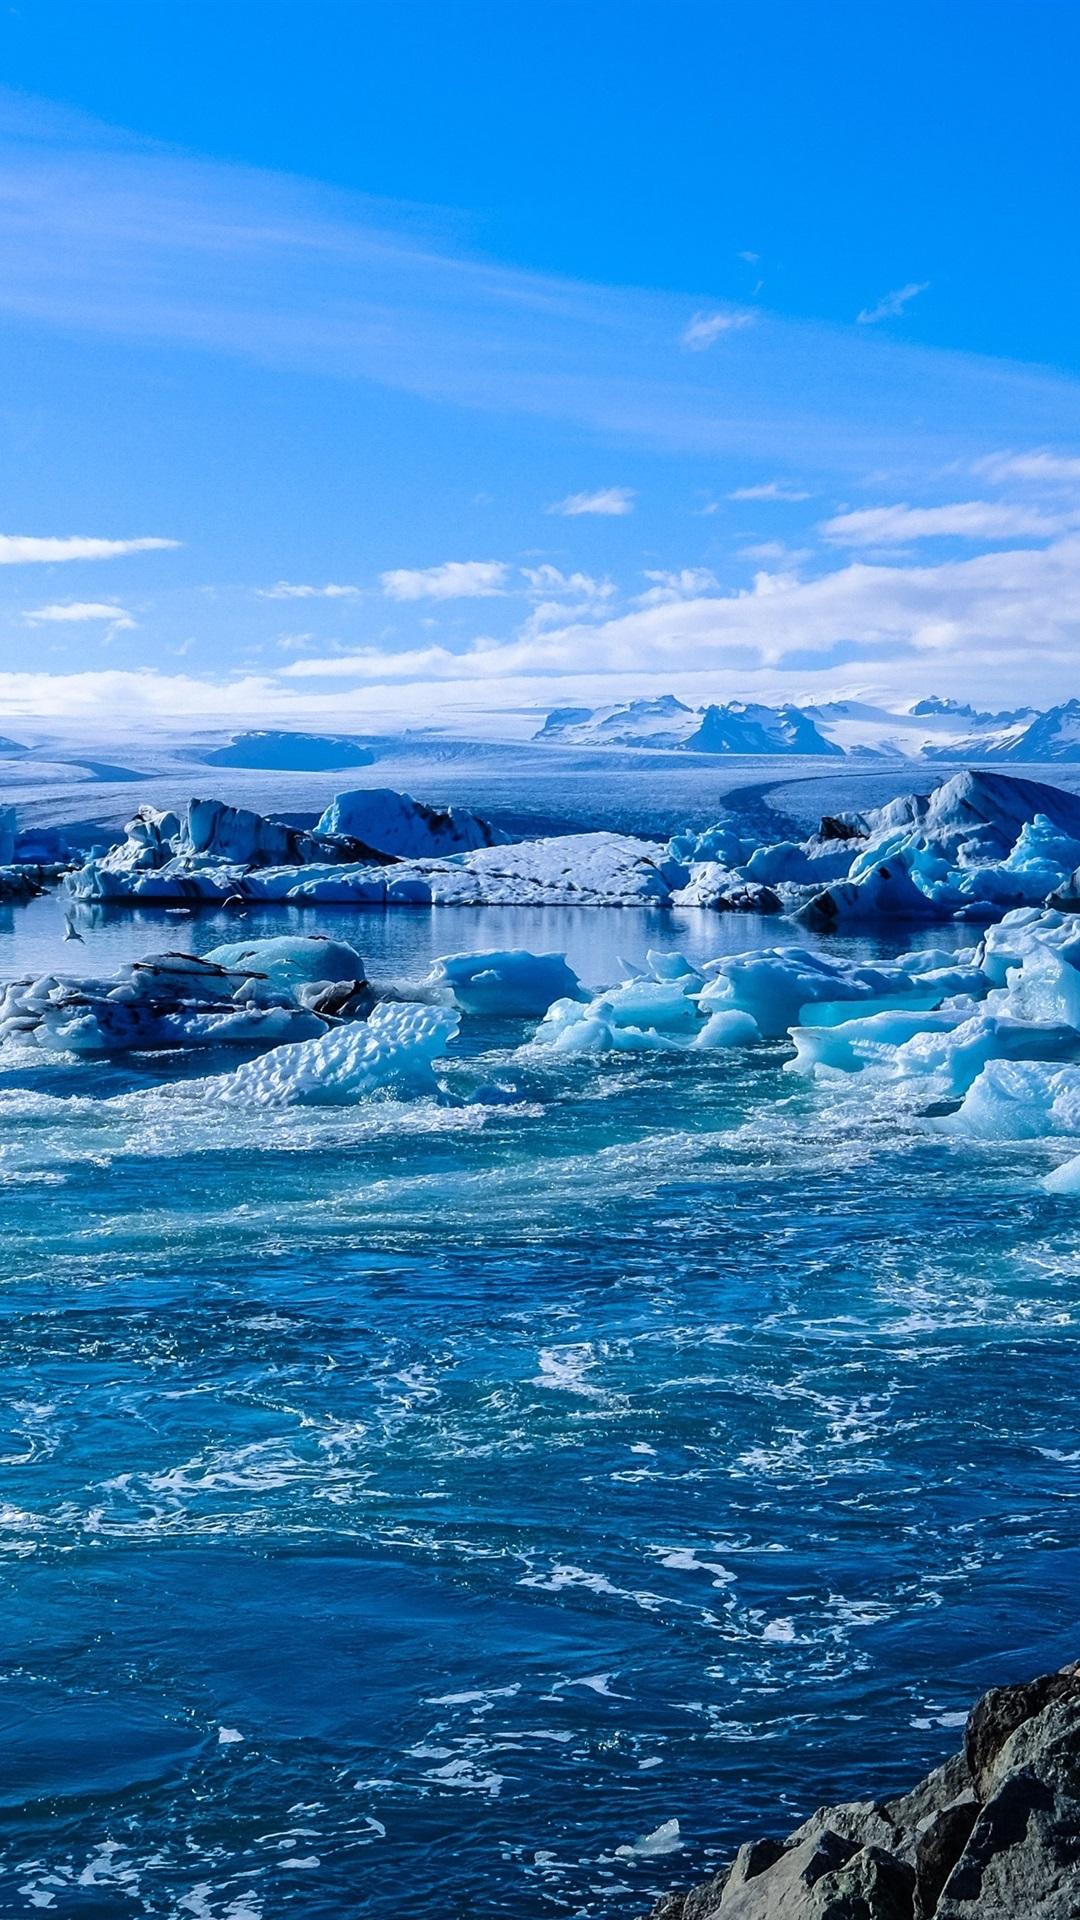 アイスランド 氷 海 海岸 雪 1080x19 Iphone 8 7 6 6s Plus 壁紙 背景 画像